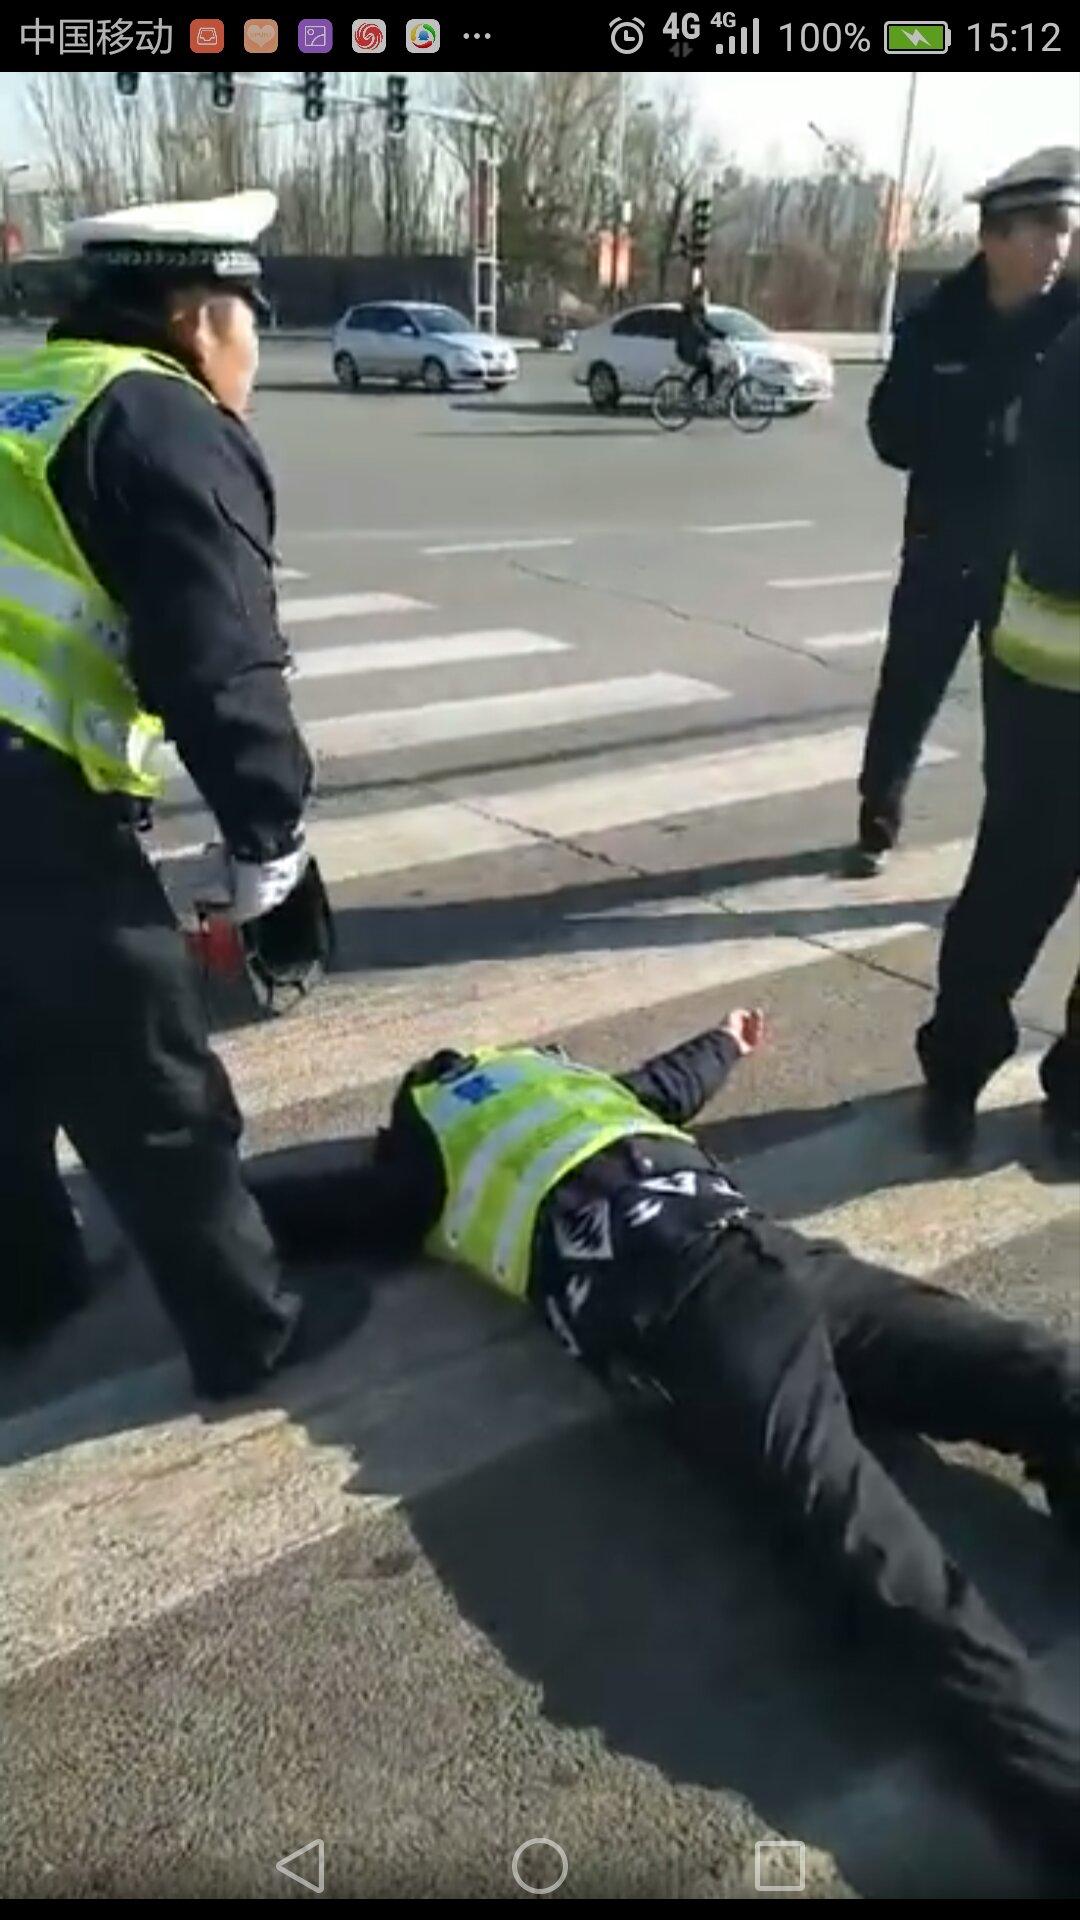 济宁交警三大队_辟谣:这段交警执法视频事发地并非济宁!